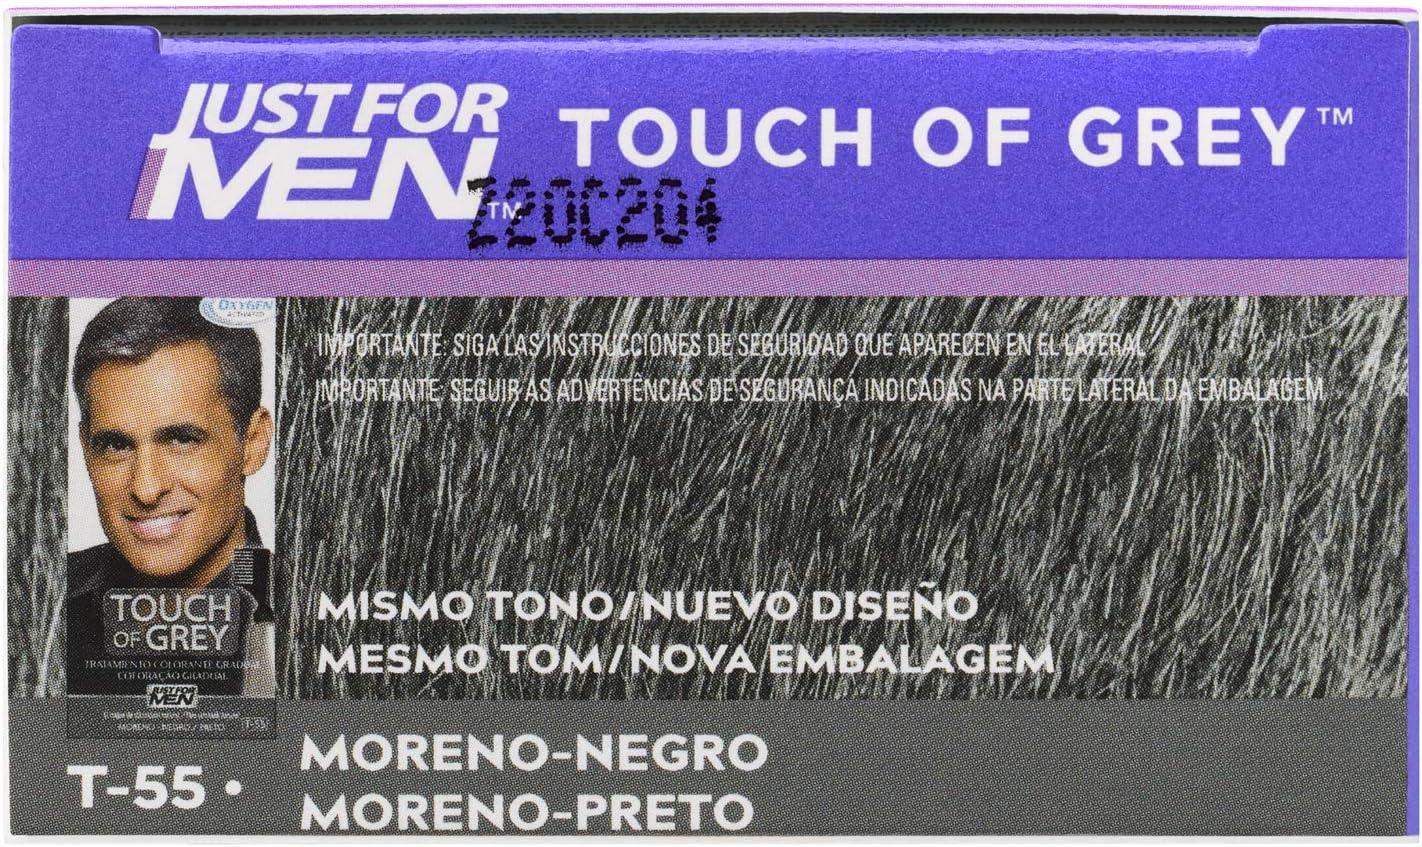 Just For Men Touch Of Grey, Tinte Gradual Que Reduce Parcialmente Las Canas, Moreno Negro. Look Sal Y Pimienta